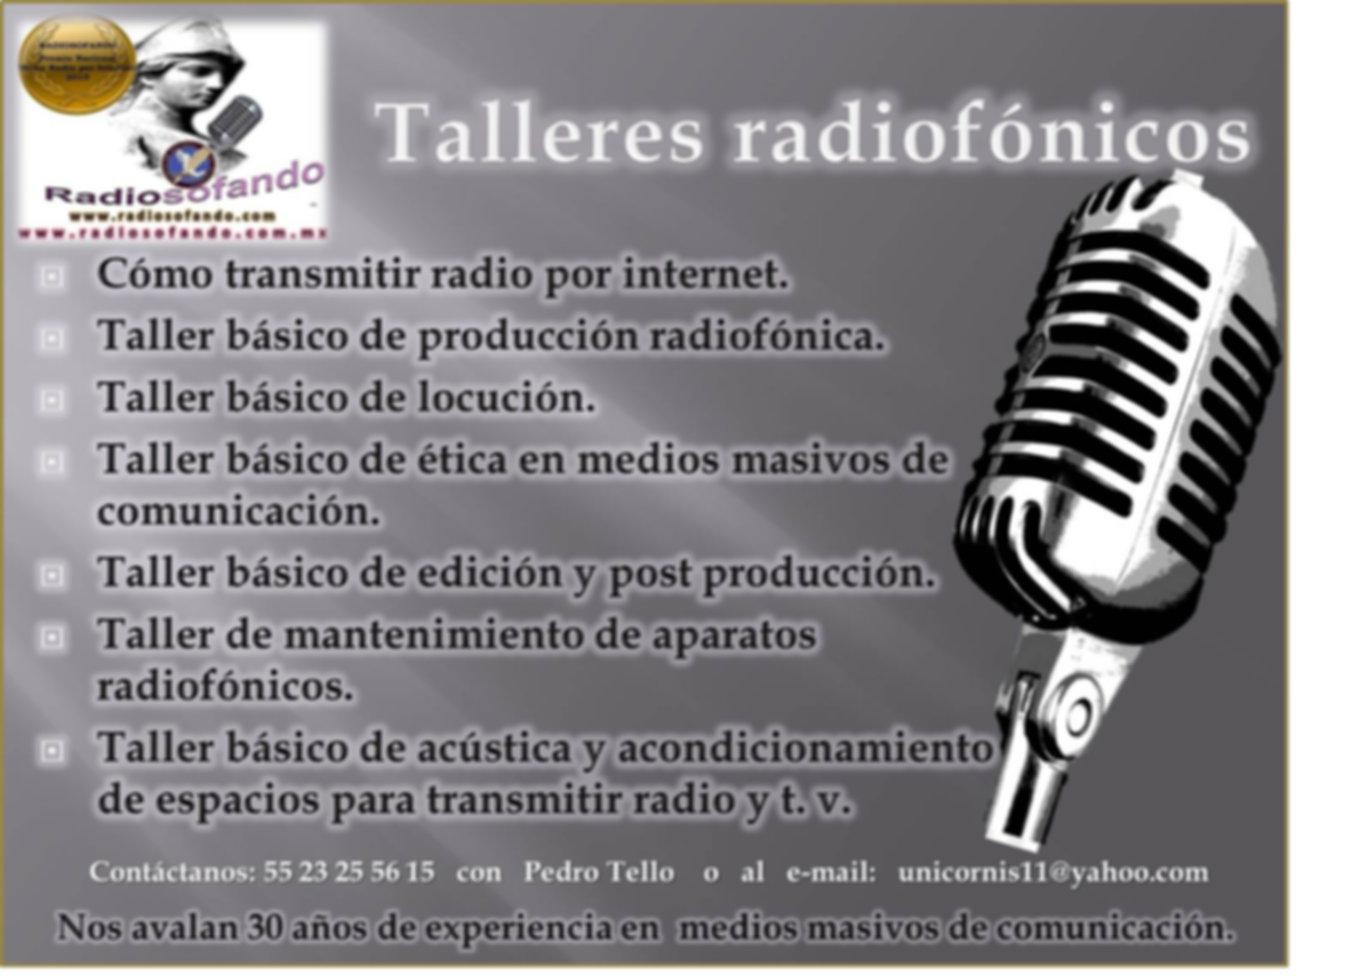 talleres radio.jpg